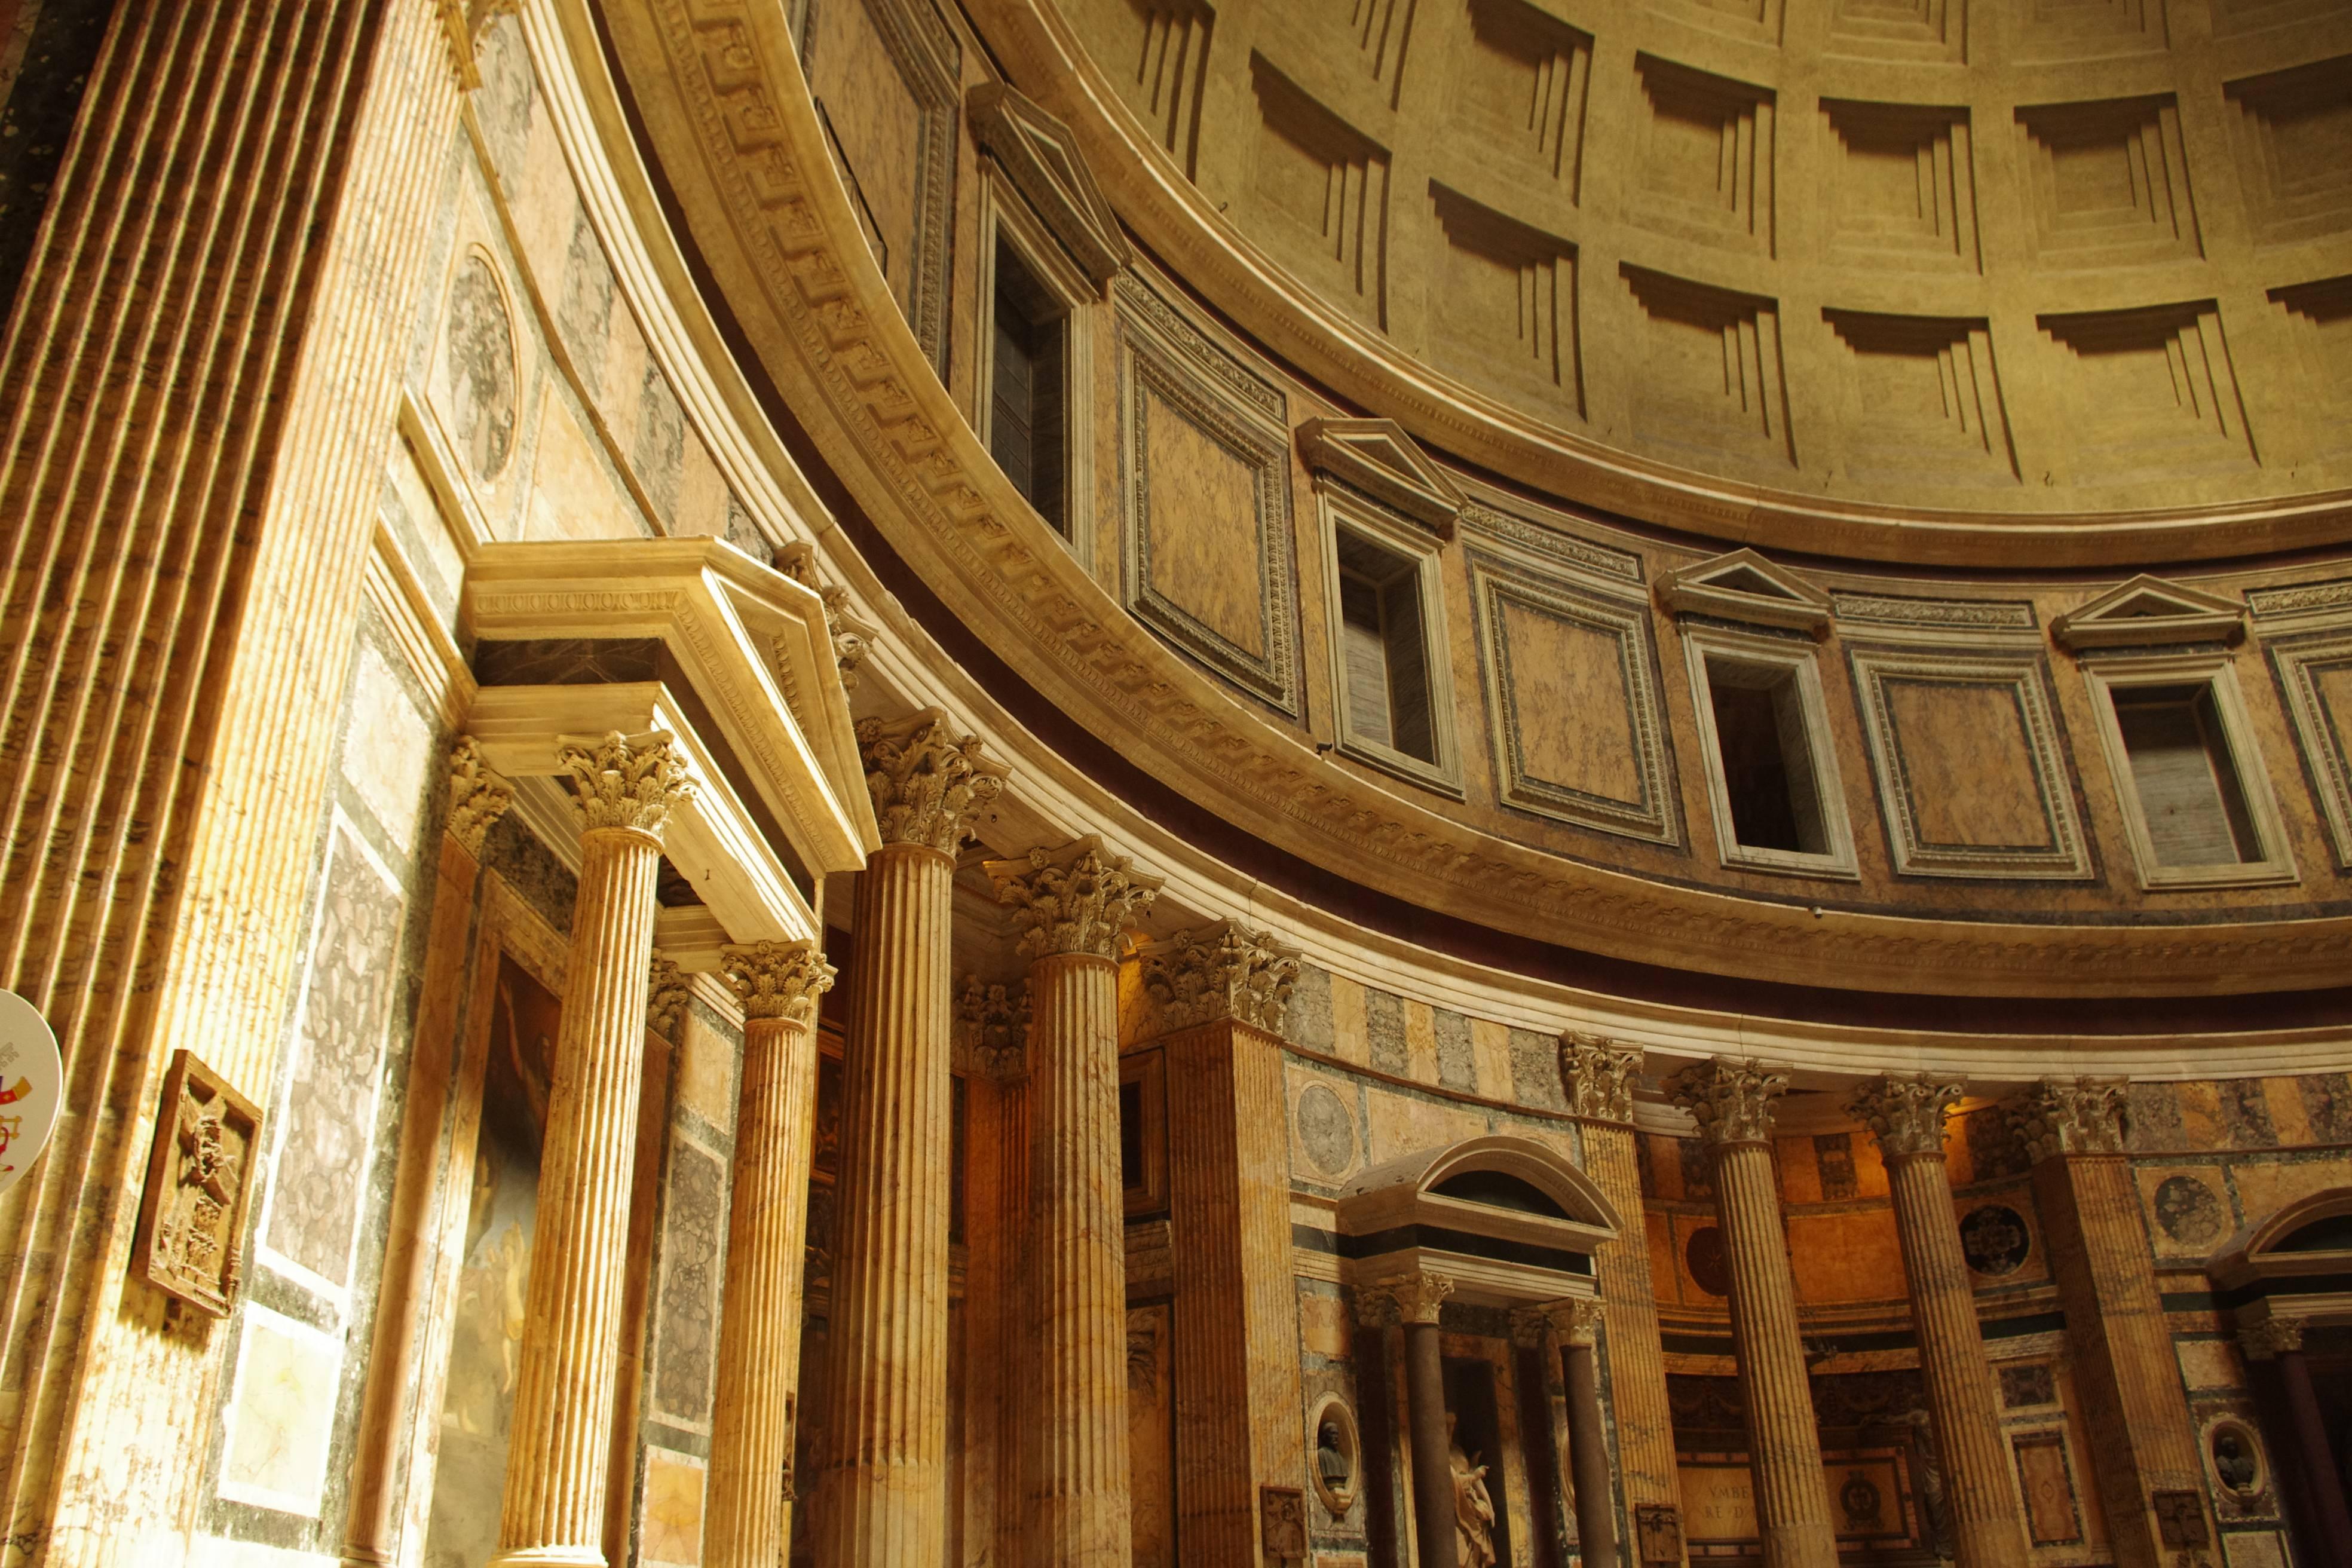 Photo 1: Le Pantheon